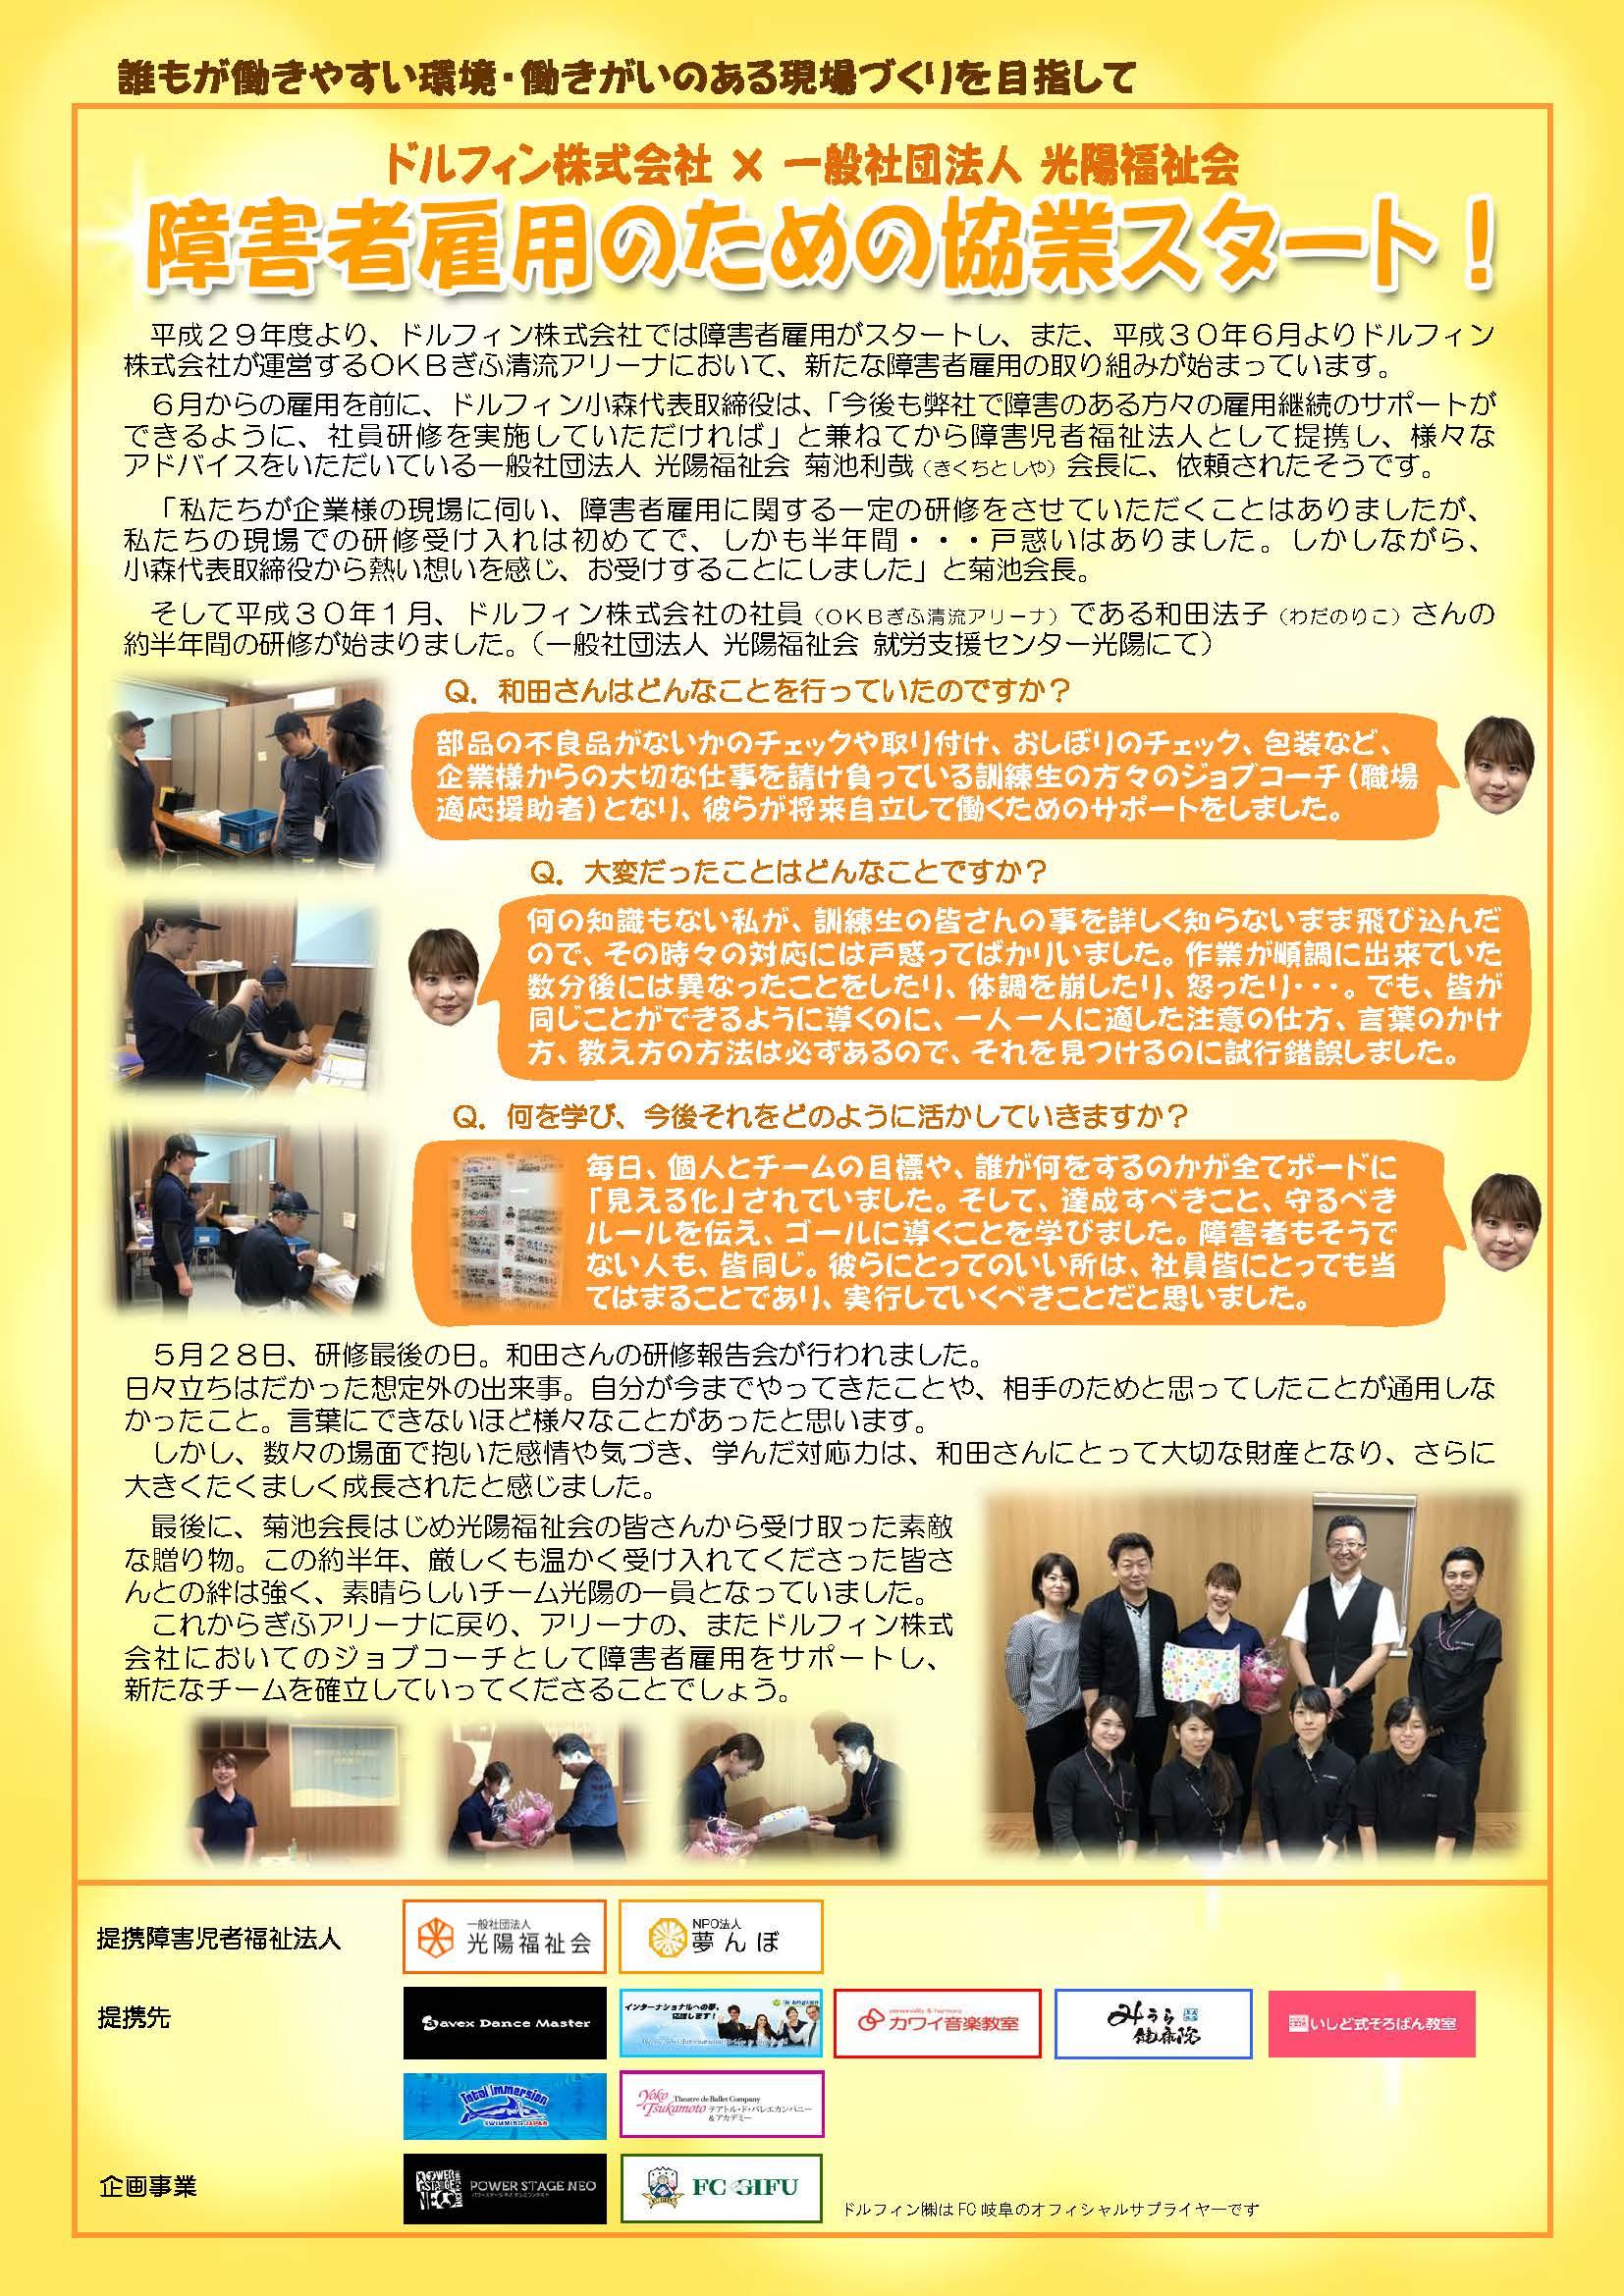 ドルフィン広報誌7月号校了_ページ_6